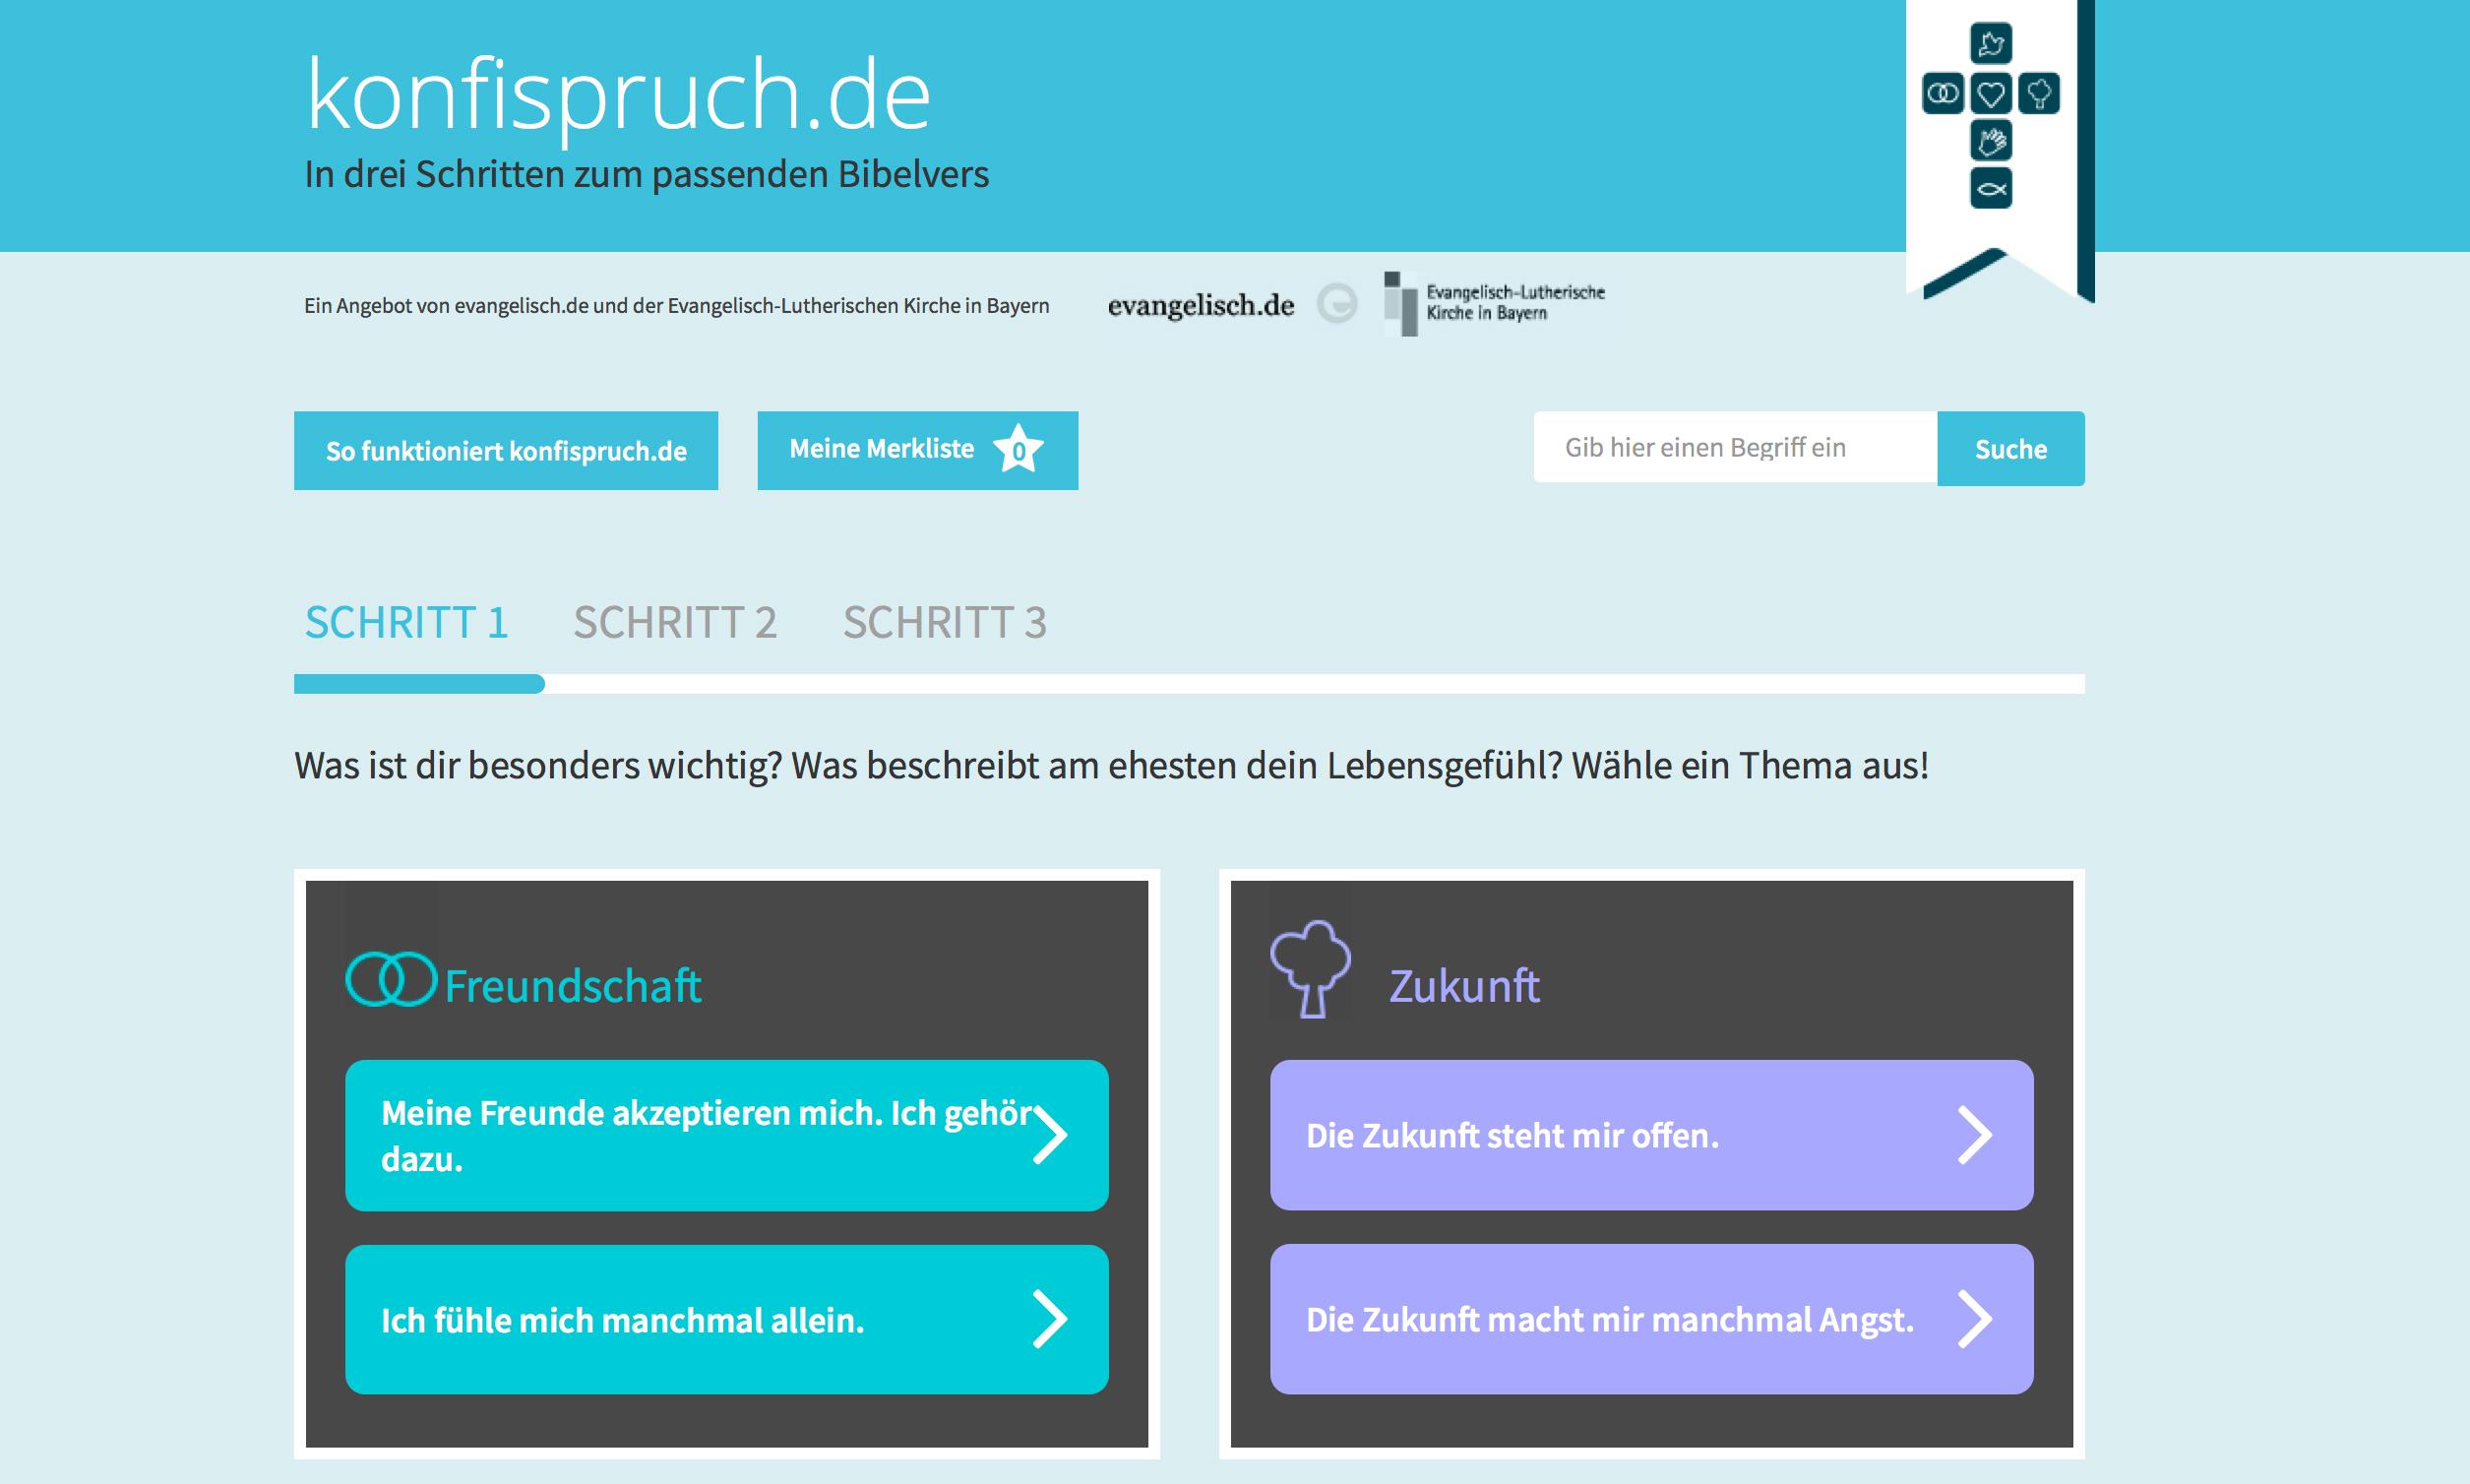 Neuer Service: Mit den Portalen www.taufspruch.de, www.trauspruch.de und www.konfispruch.de in nur drei Schritten den passenden Bibelvers finden.